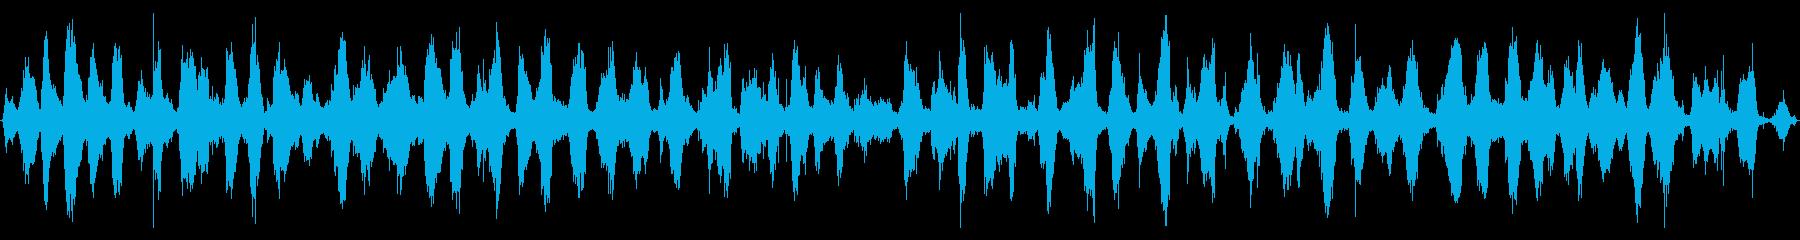 穏やかで静かな波の音になります。の再生済みの波形